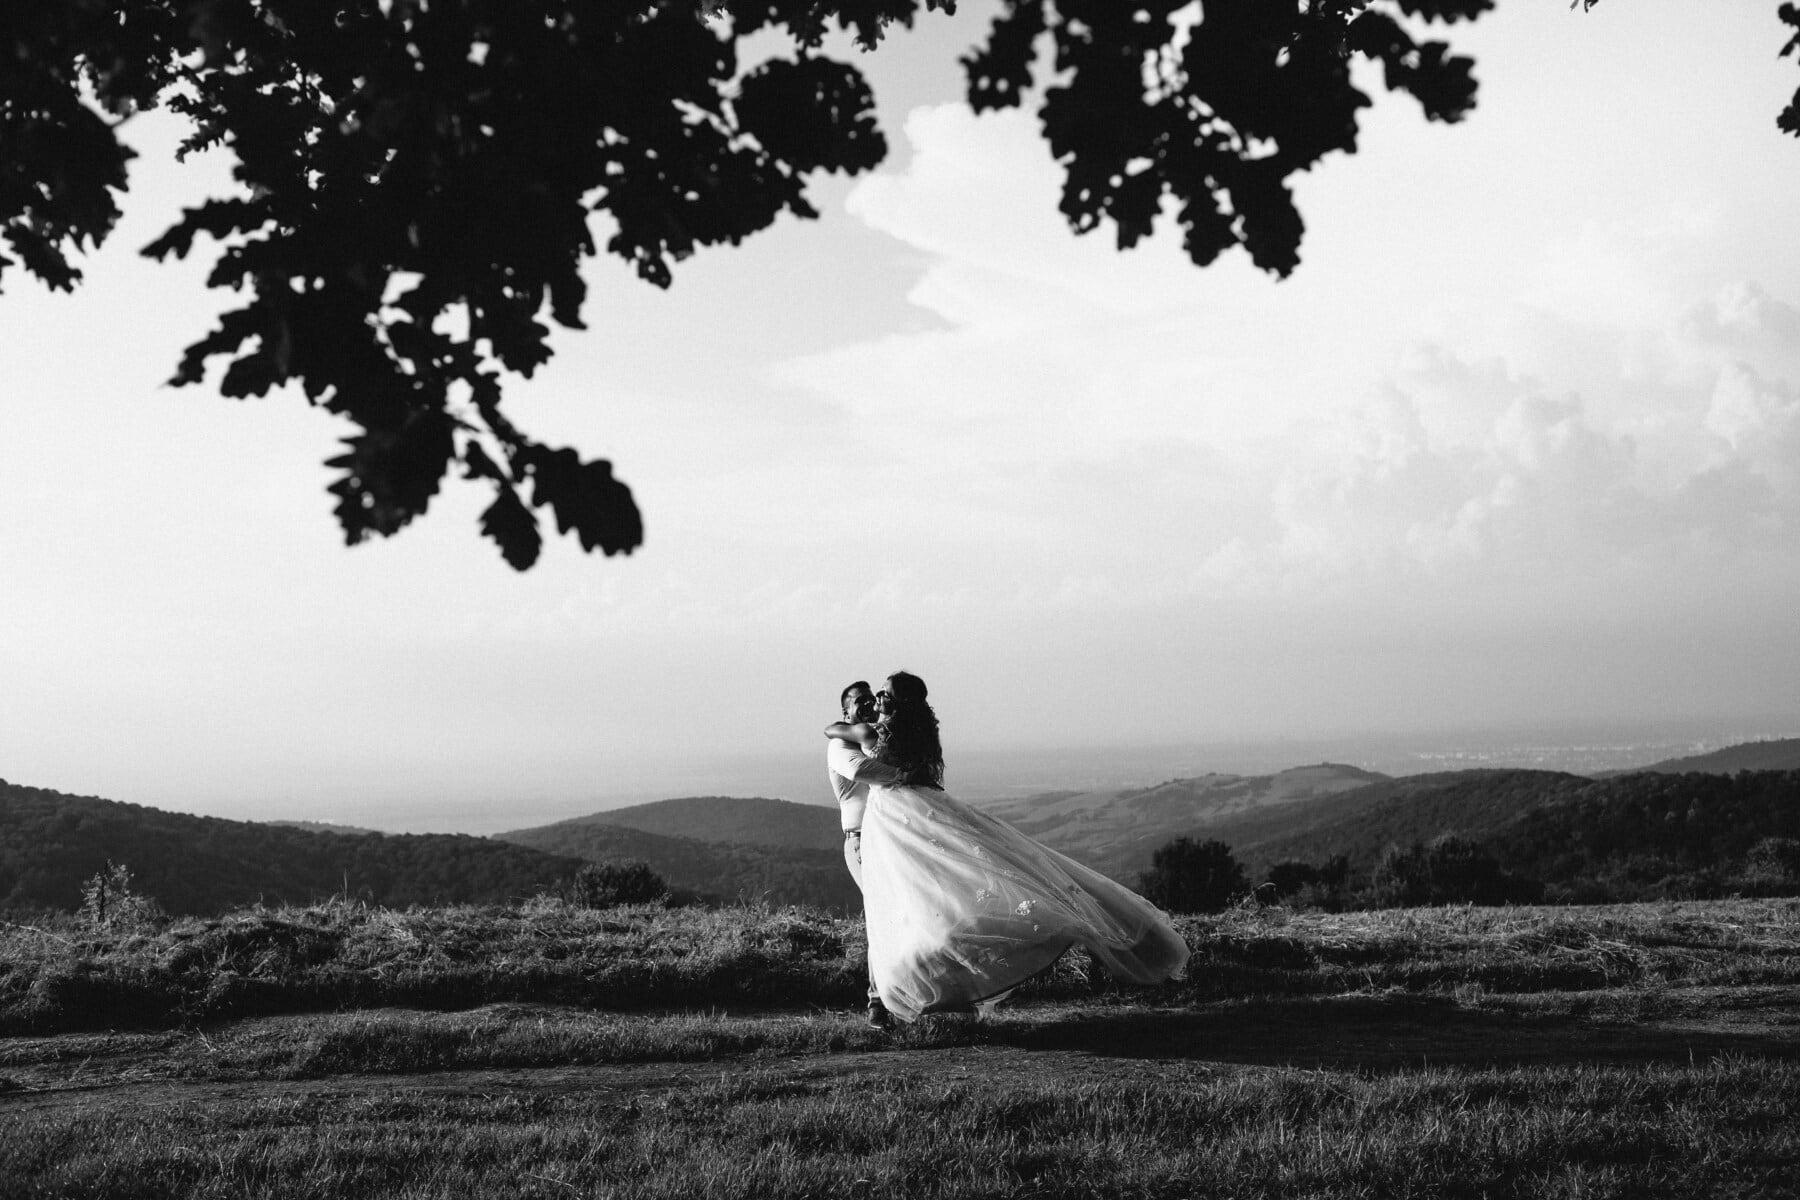 frisch verheiratet, Monochrom, Umarmung, Umarmung, Hügel, Bräutigam, Engagement, Liebe, Braut, Hochzeit